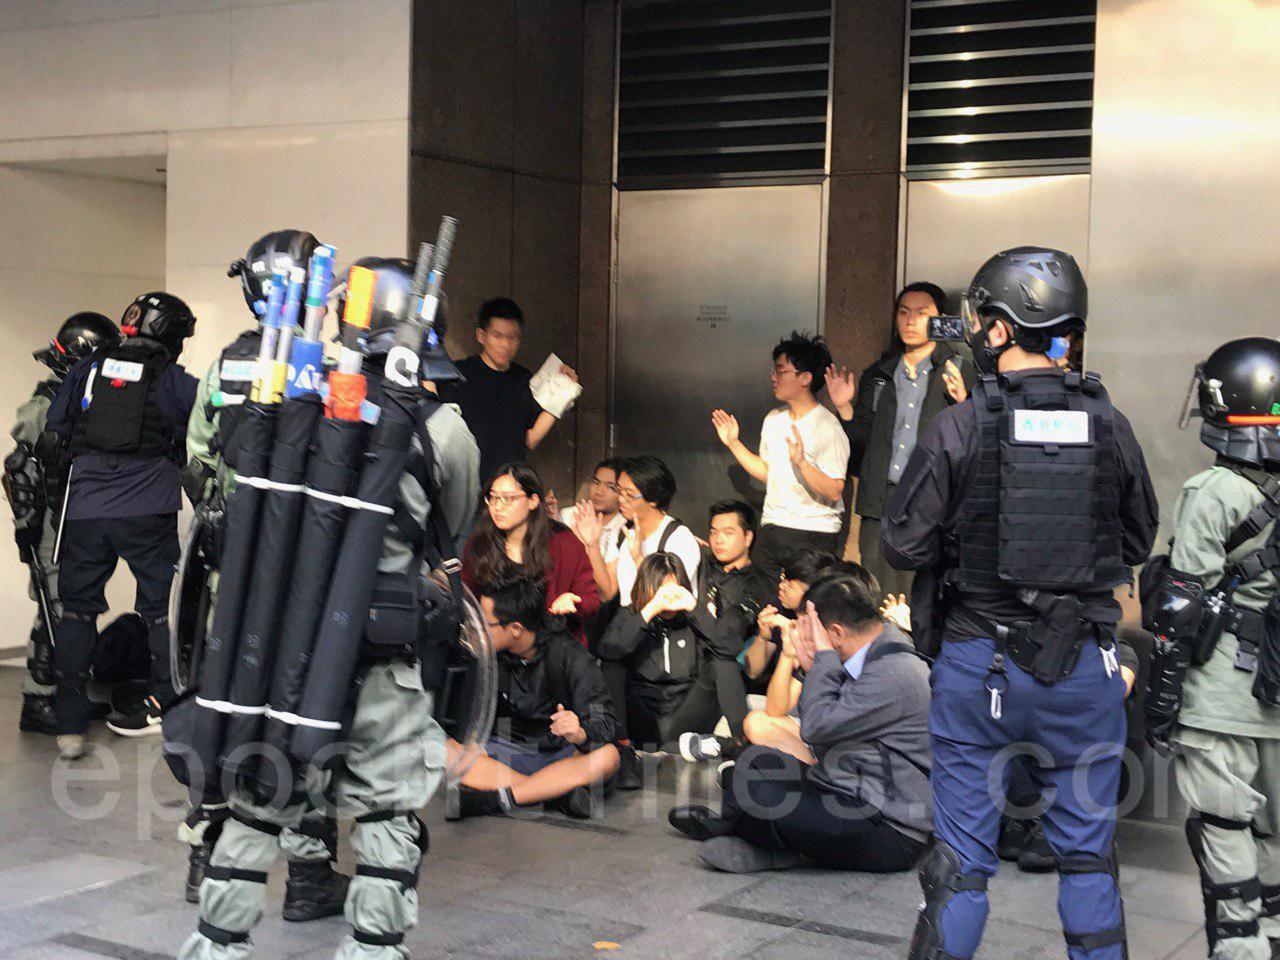 12日,香港市民在多區發起抗警暴活動,圖為,市民在中環抗議,防暴警發散催淚彈驅散市民,多民市民被拘捕。(余鋼/大紀元)